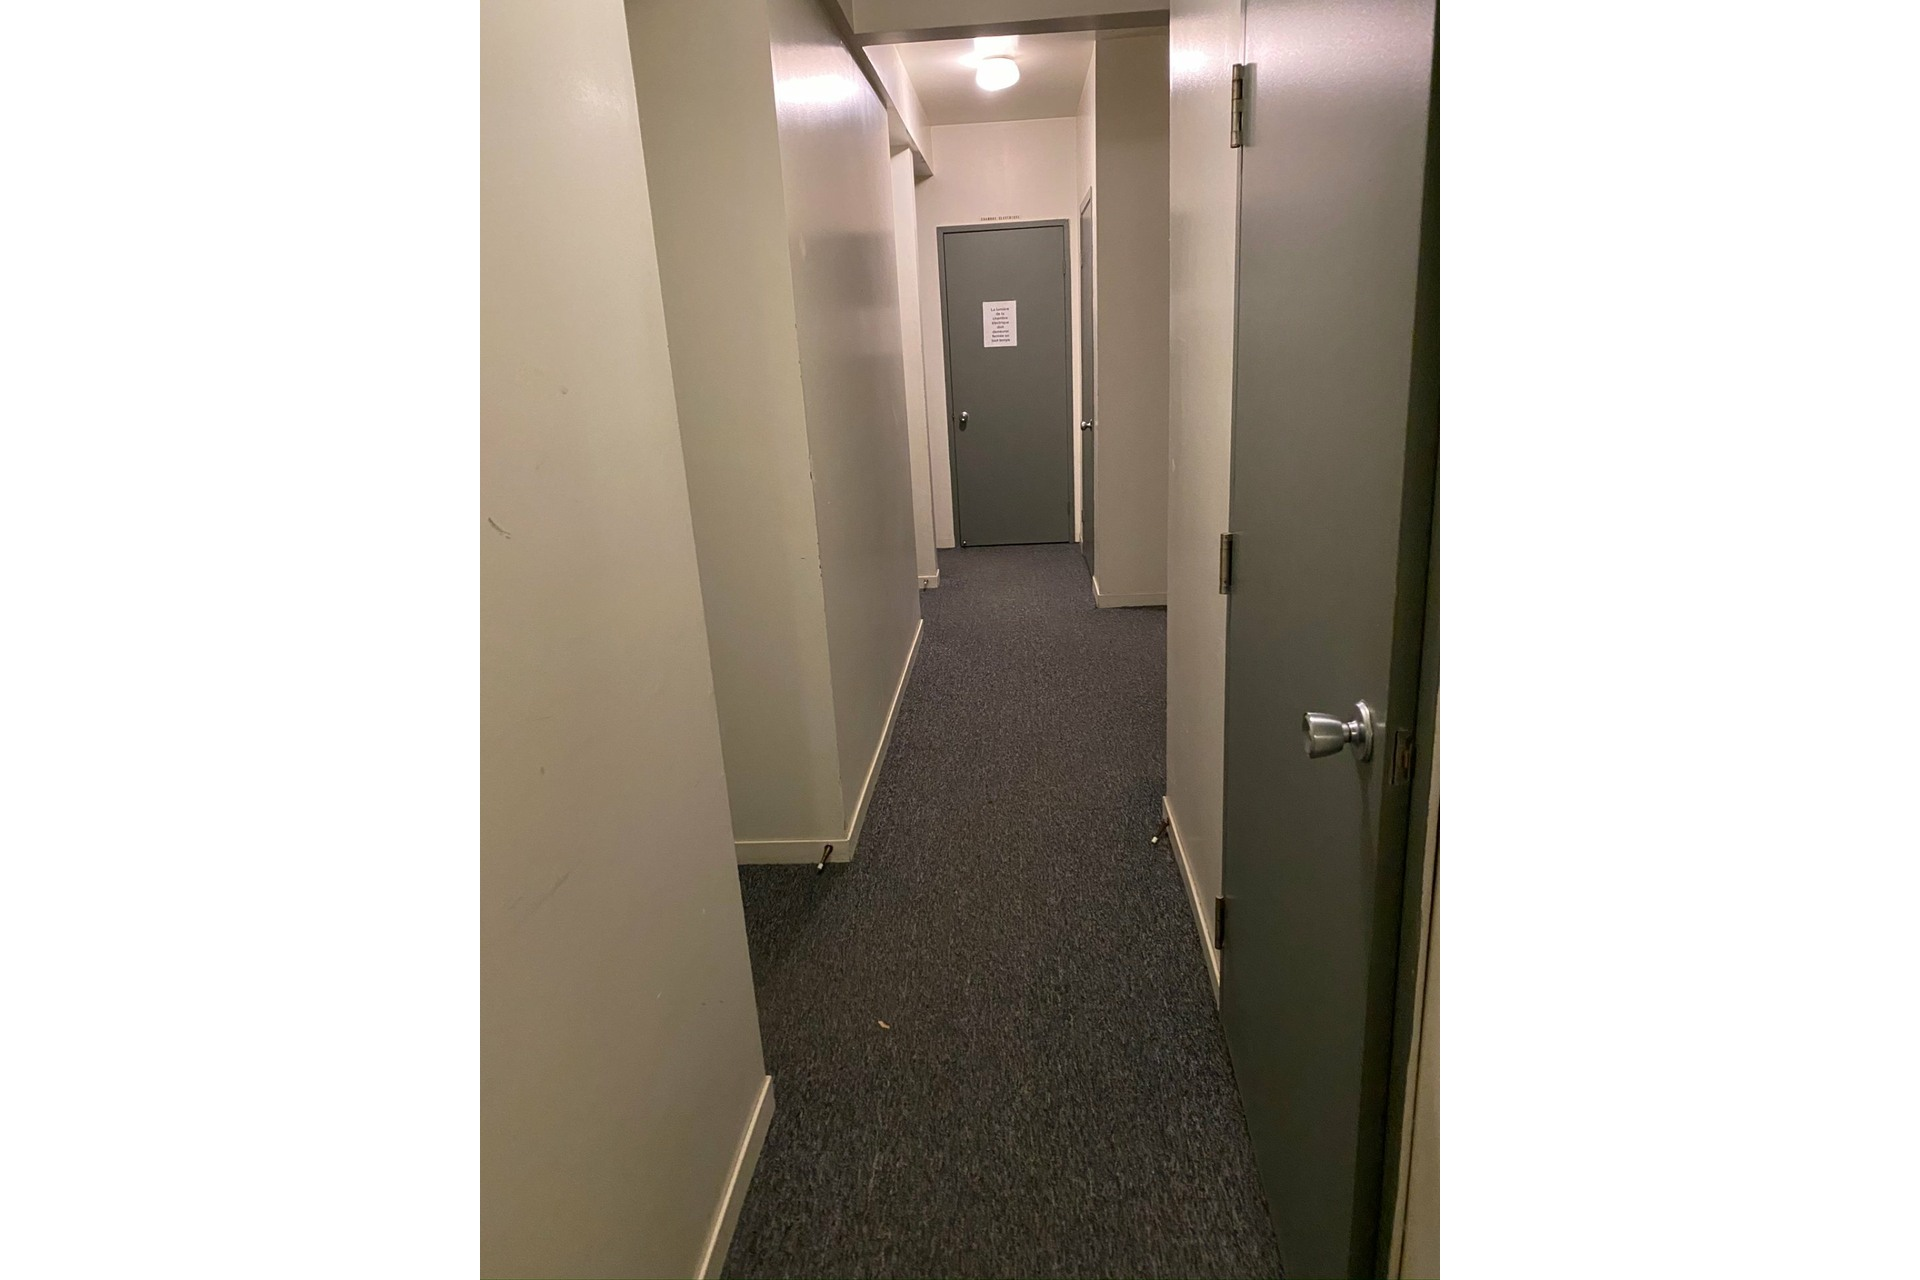 image 18 - Appartement À vendre Verdun/Île-des-Soeurs Montréal  - 5 pièces